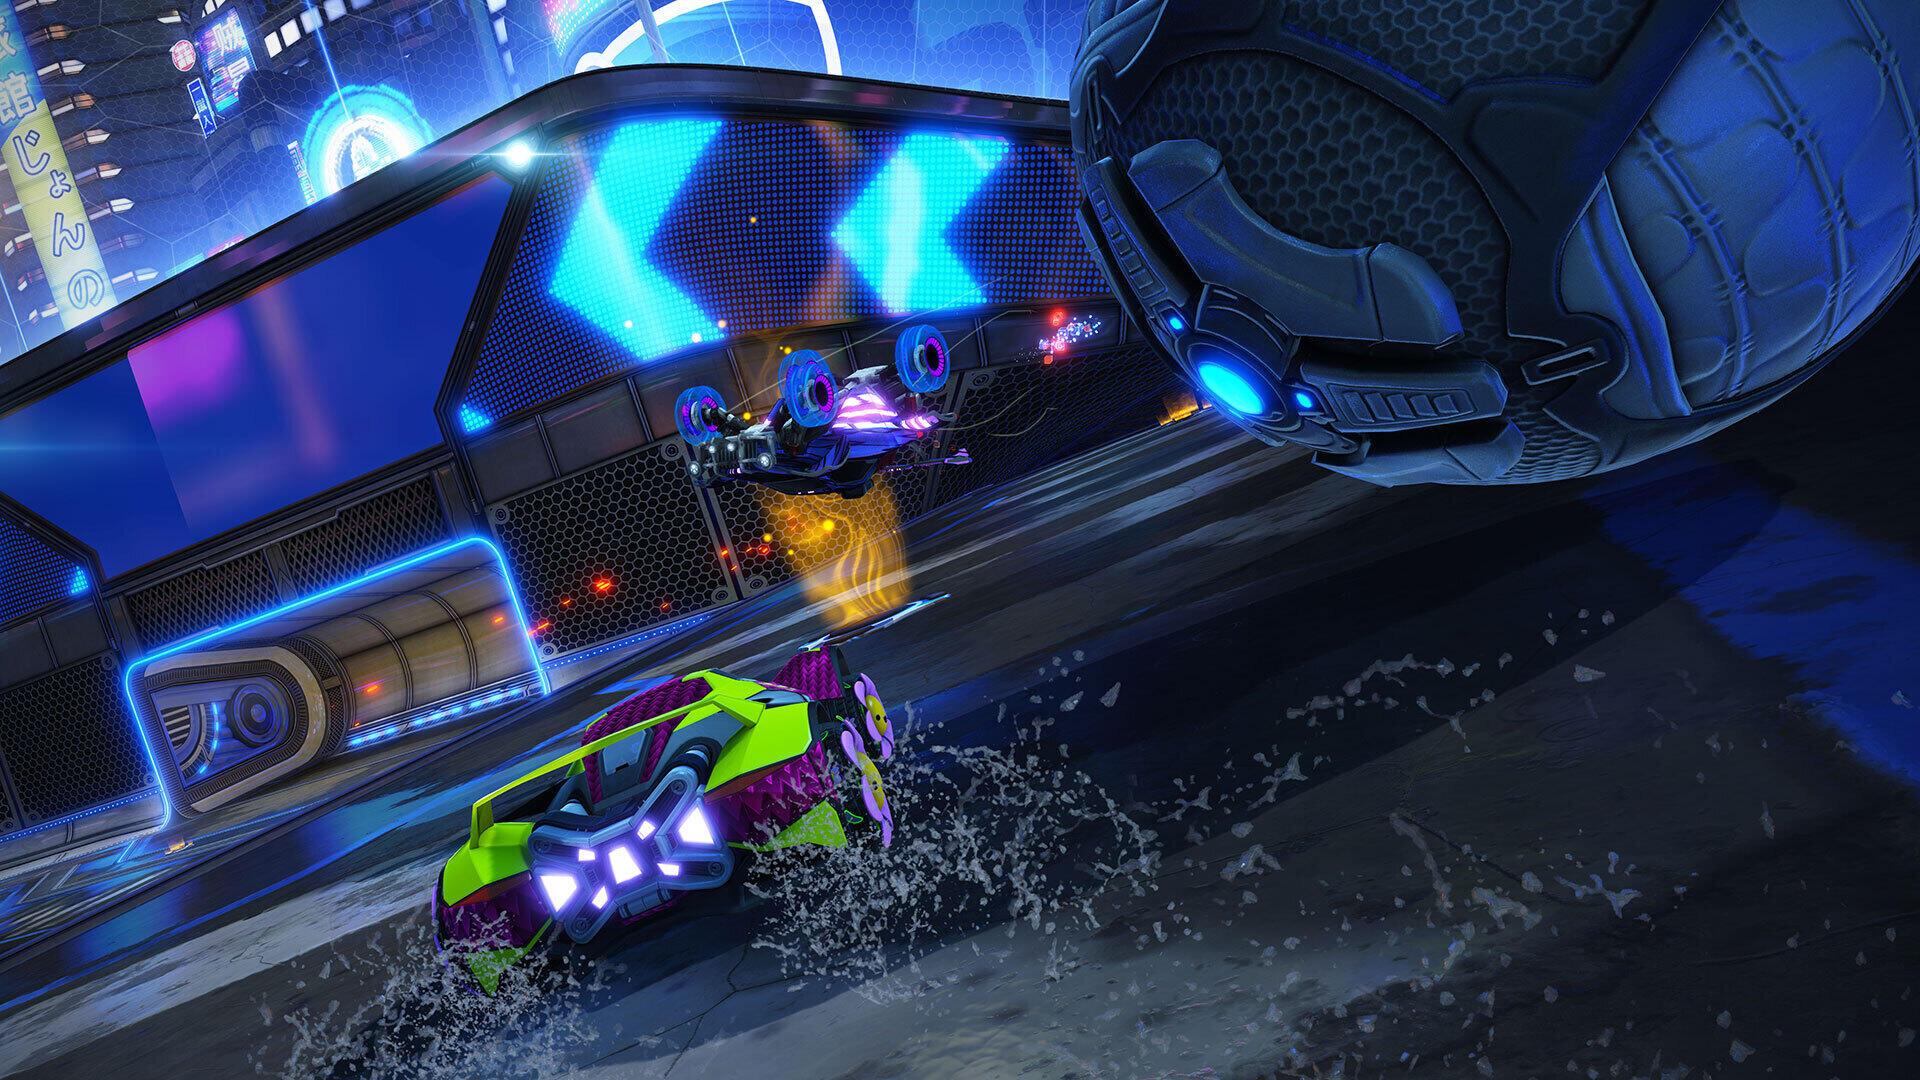 Rocket League Update 1.78